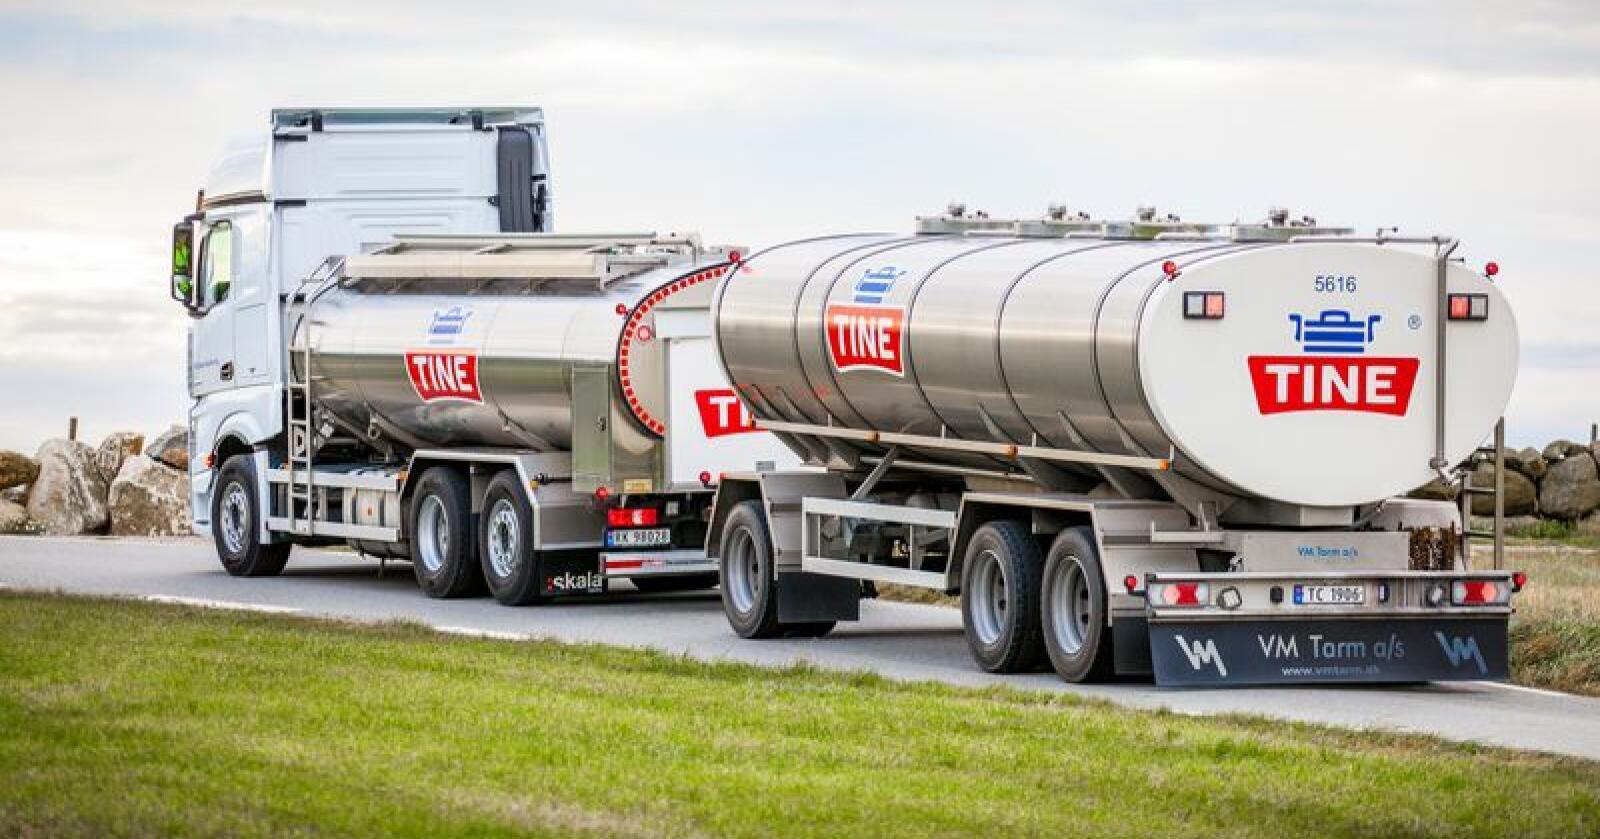 At Tine er Norges mest bærekraftige selskap, kan vanskelig dokumenteres tilstrekkelig, mener Forbrukertilsynet. Tines tankbiler er avhengig av avansert biodiesel for å nå miljømålet. Illustrasjonsfoto: Tine